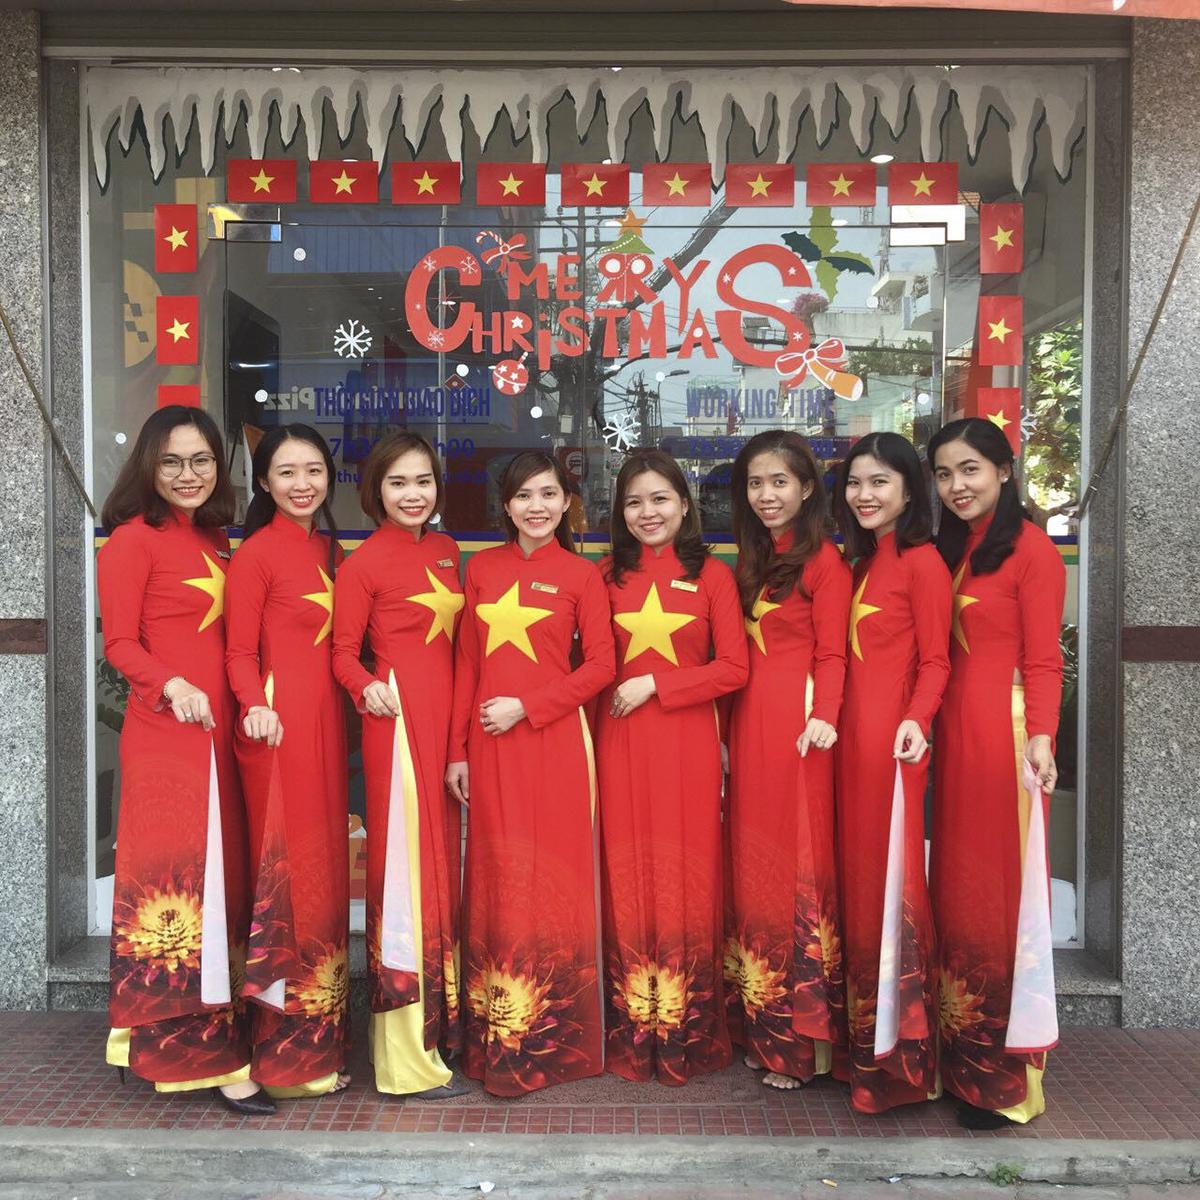 Tại TP HCM, CBNV nữ Trung tâm kinh doanh Sài Gòn 5tươi tắn trong sắc cờ đỏ sao vàng. Anh Phạm Công Tuấn, Trung tâm kinh doanh Sài Gòn 5, vô cùng hứng khởi trước sự thay đổi này.